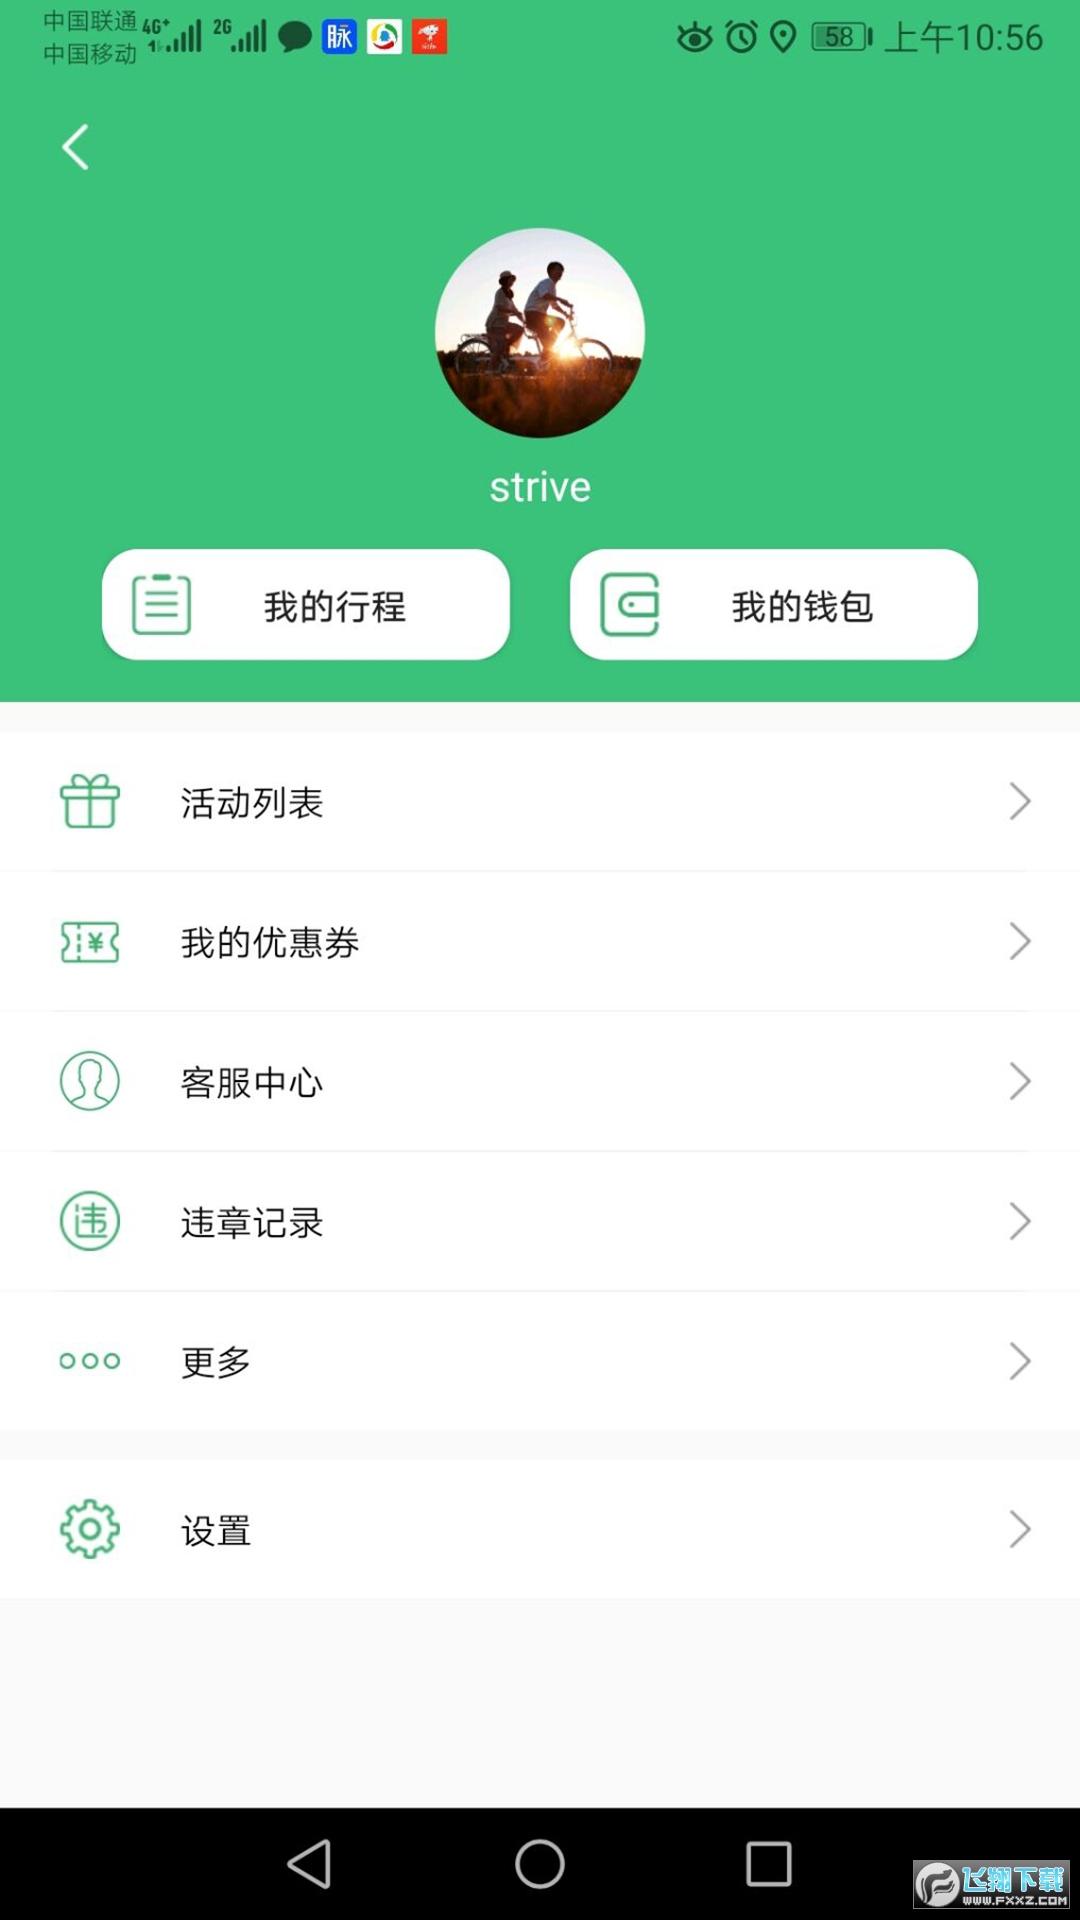 绿蚂蚁趣行app安卓版1.0.4最新版截图2